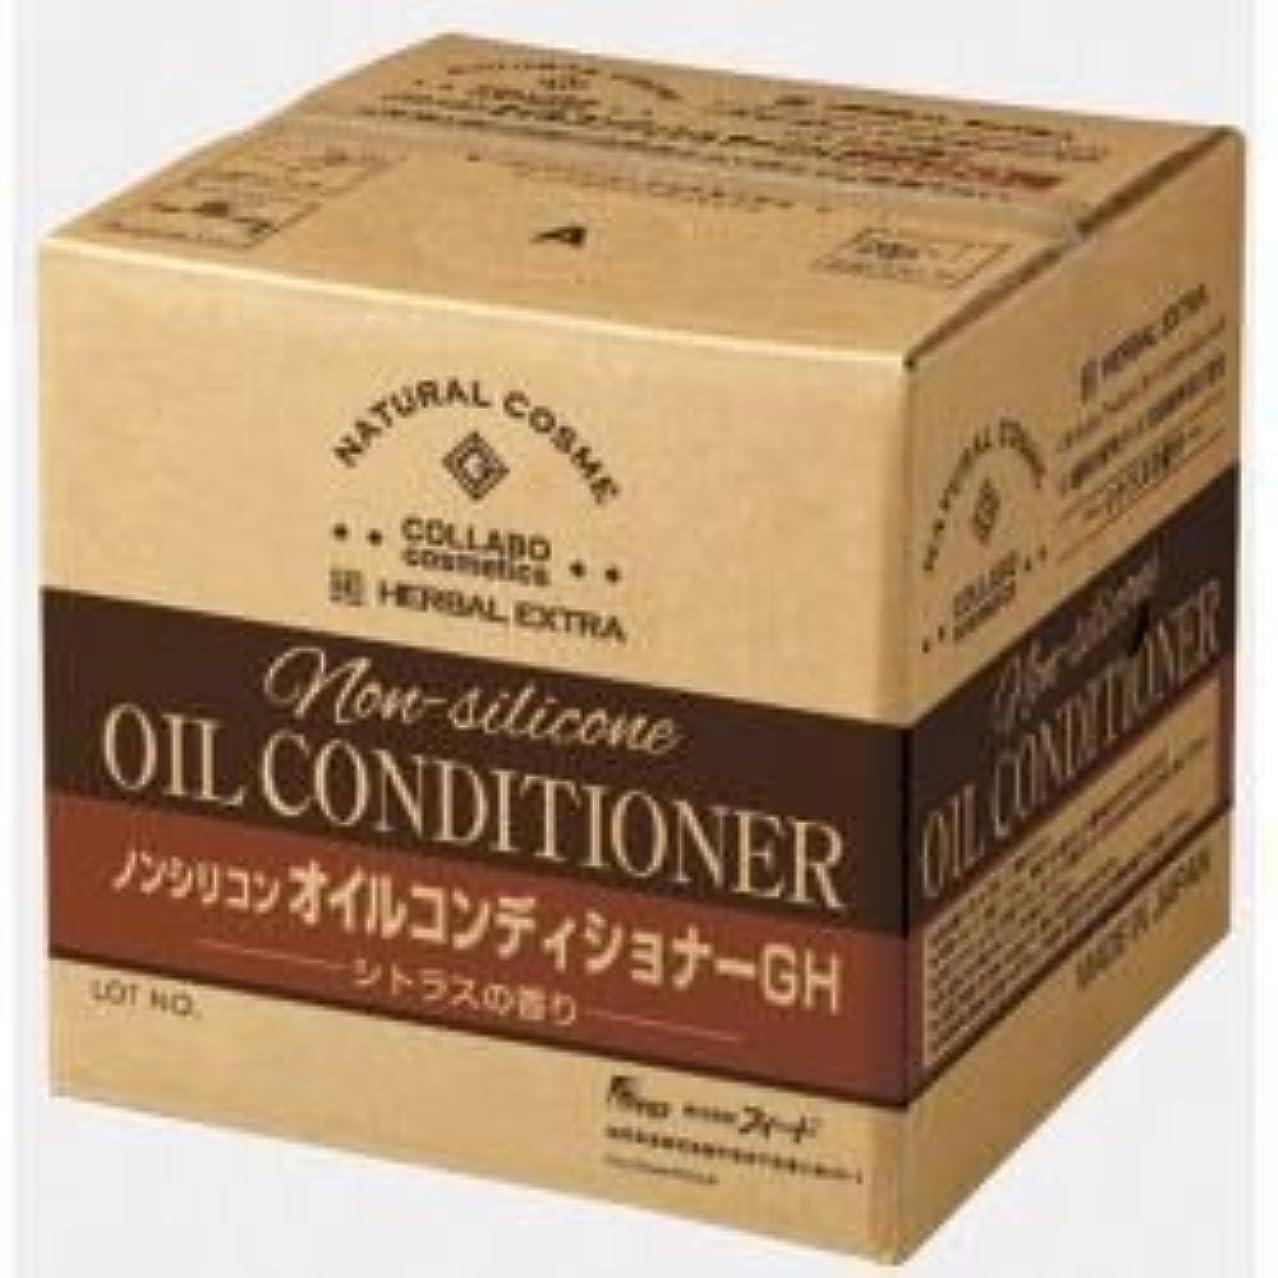 削除する晩餐オーバーヘッドゼミド×ハーバルエクストラ ノンシリコンオイルコンディショナーGH シトラスの香り 20L